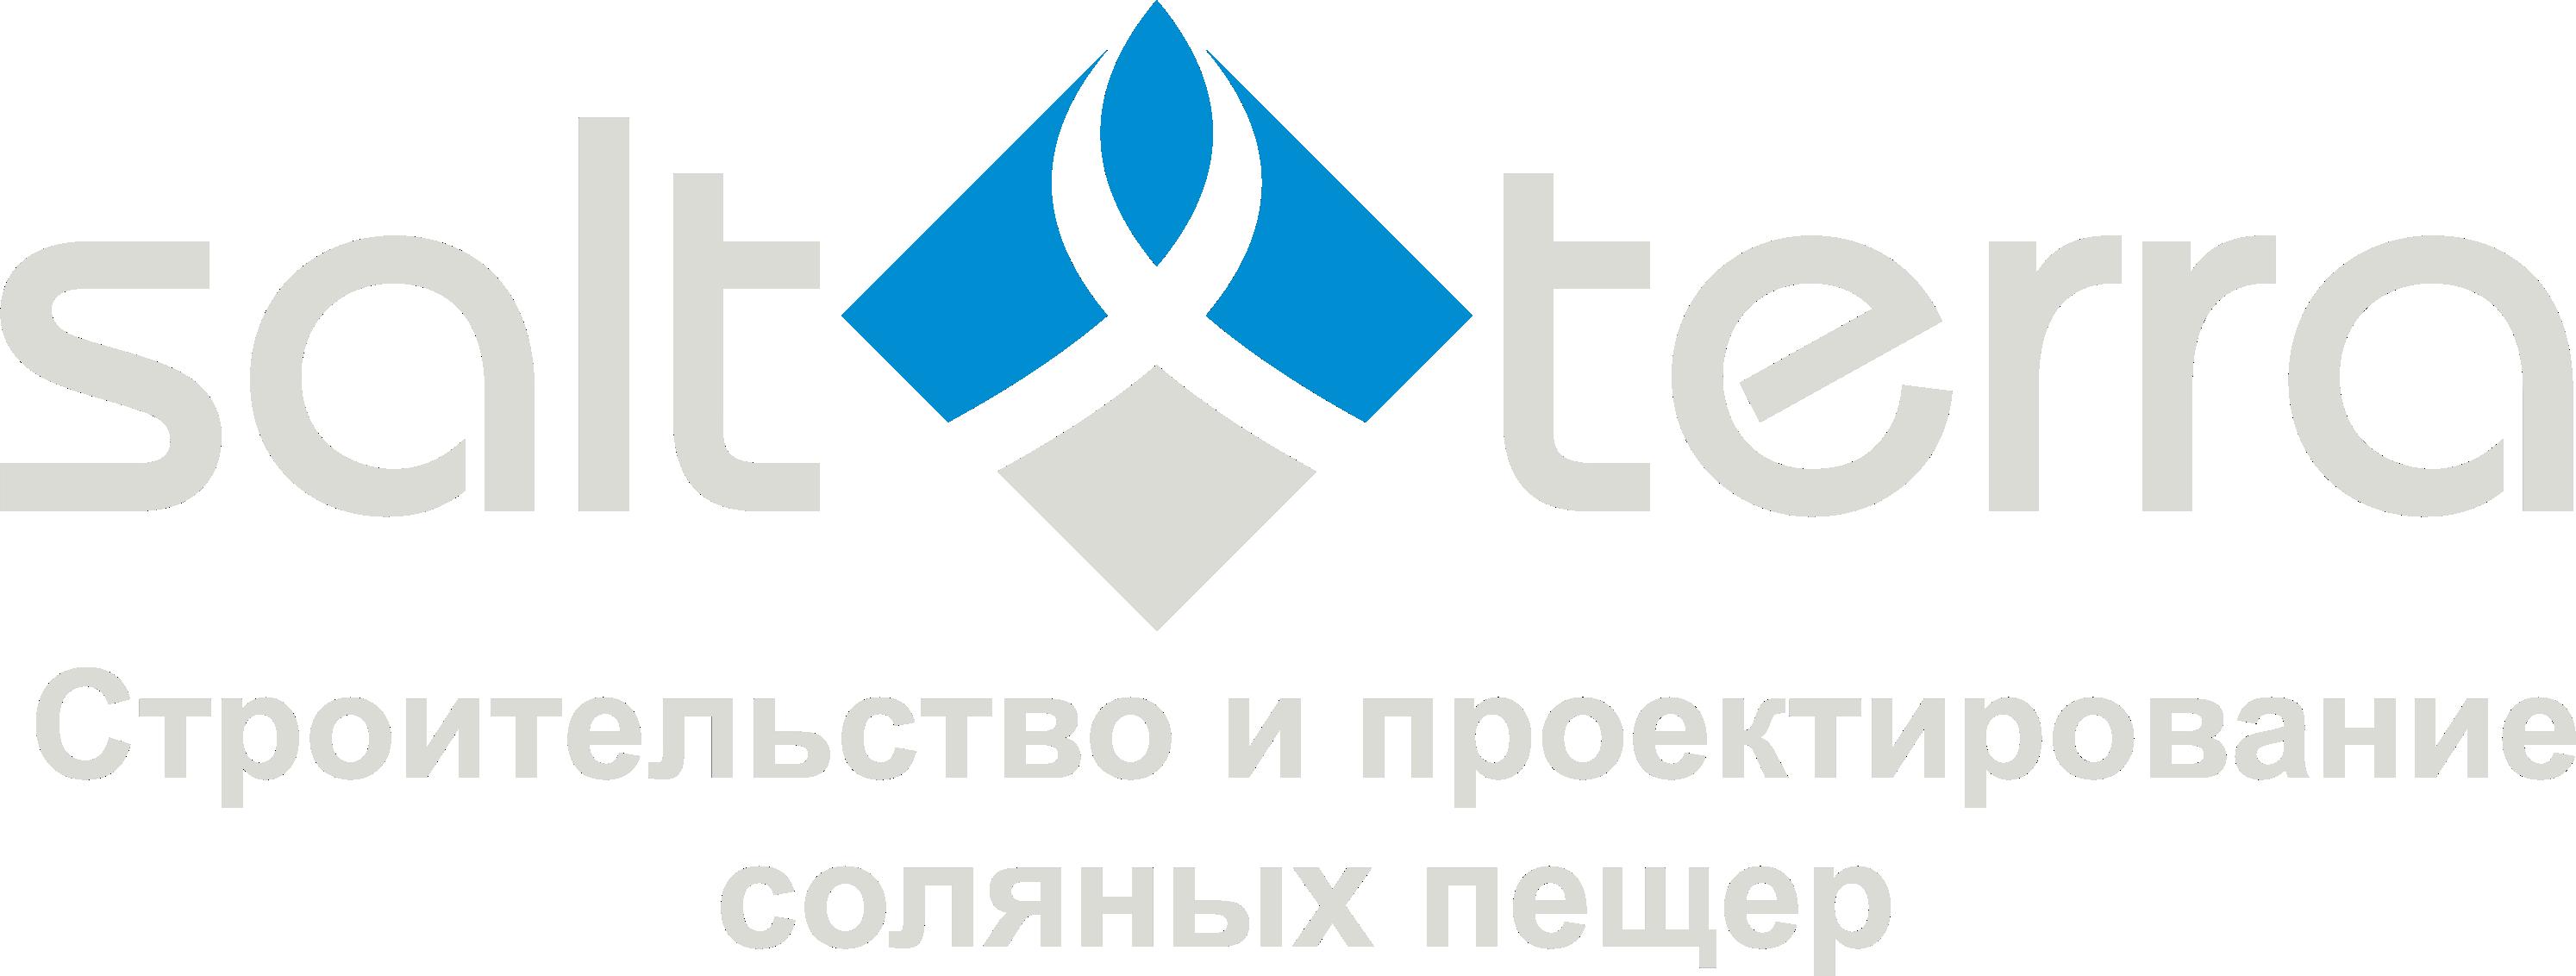 Соляная пещера (галокамера) в России, строительство соляных пещер и галокамер по всей России